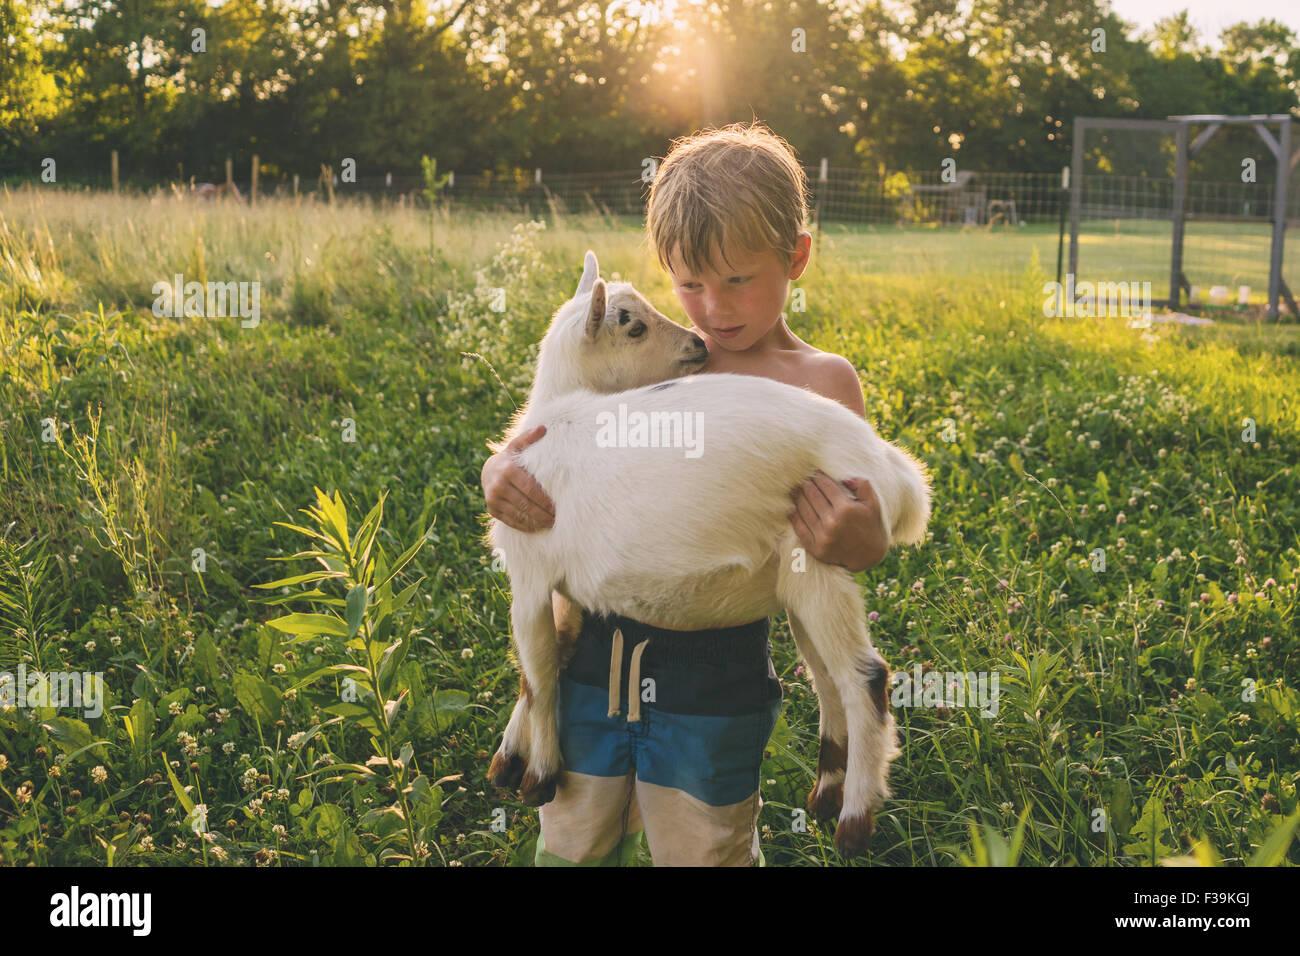 Ragazzo che porta un giovane capra Immagini Stock